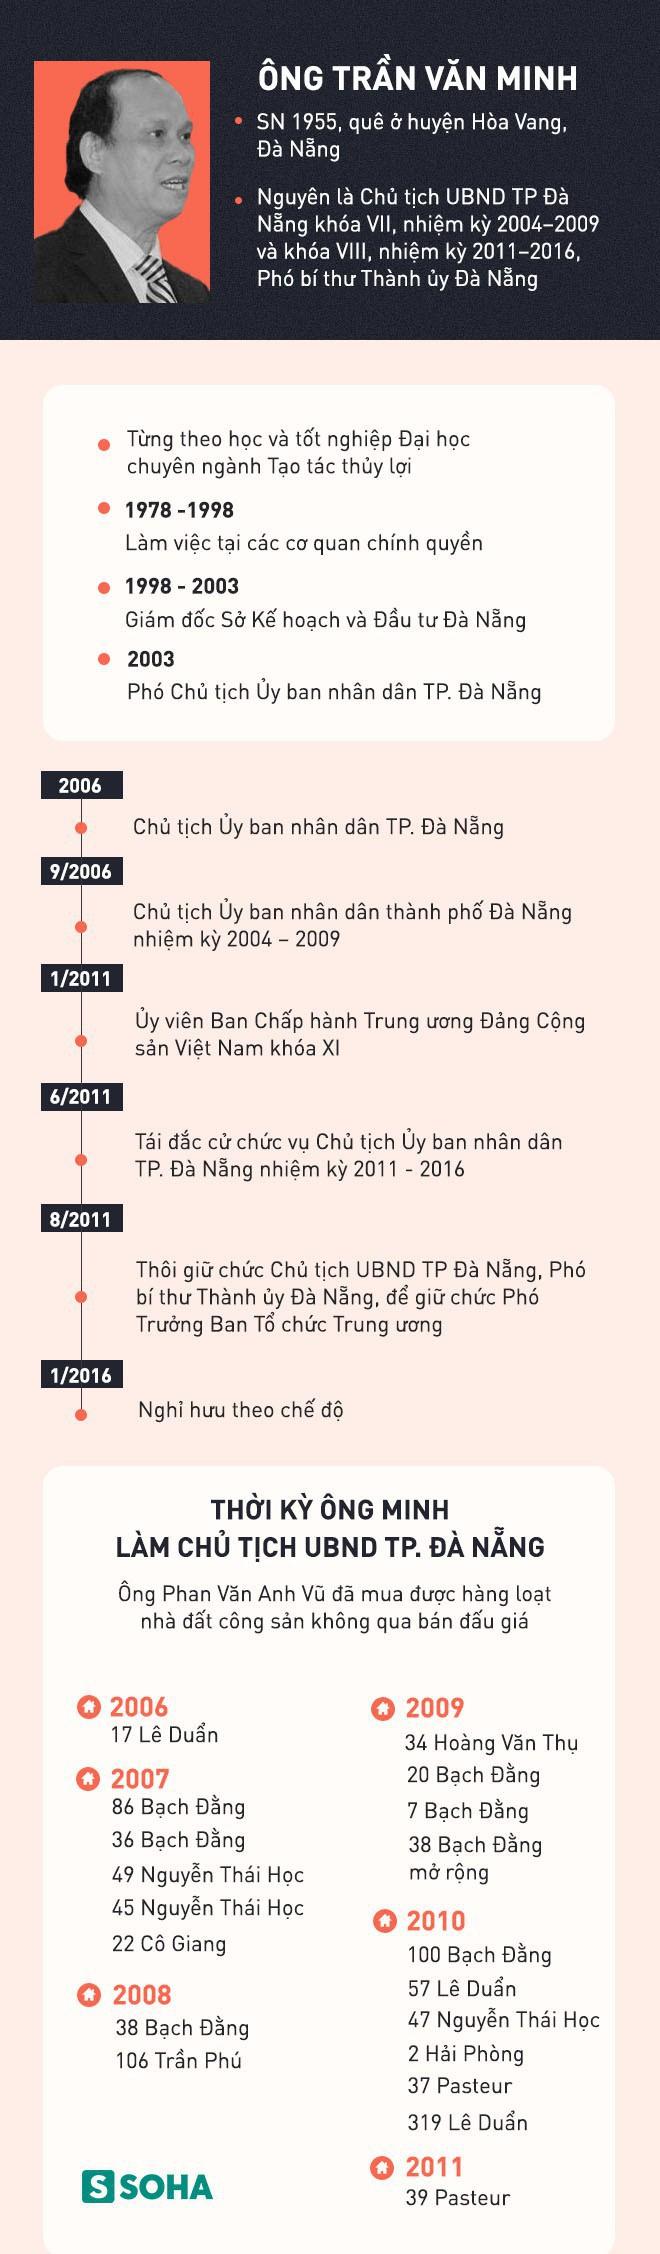 Khám nhà cựu Chủ tịch Đà Nẵng Trần Văn Minh, công an phát hiện 5 khẩu súng, 18 viên đạn - Ảnh 3.